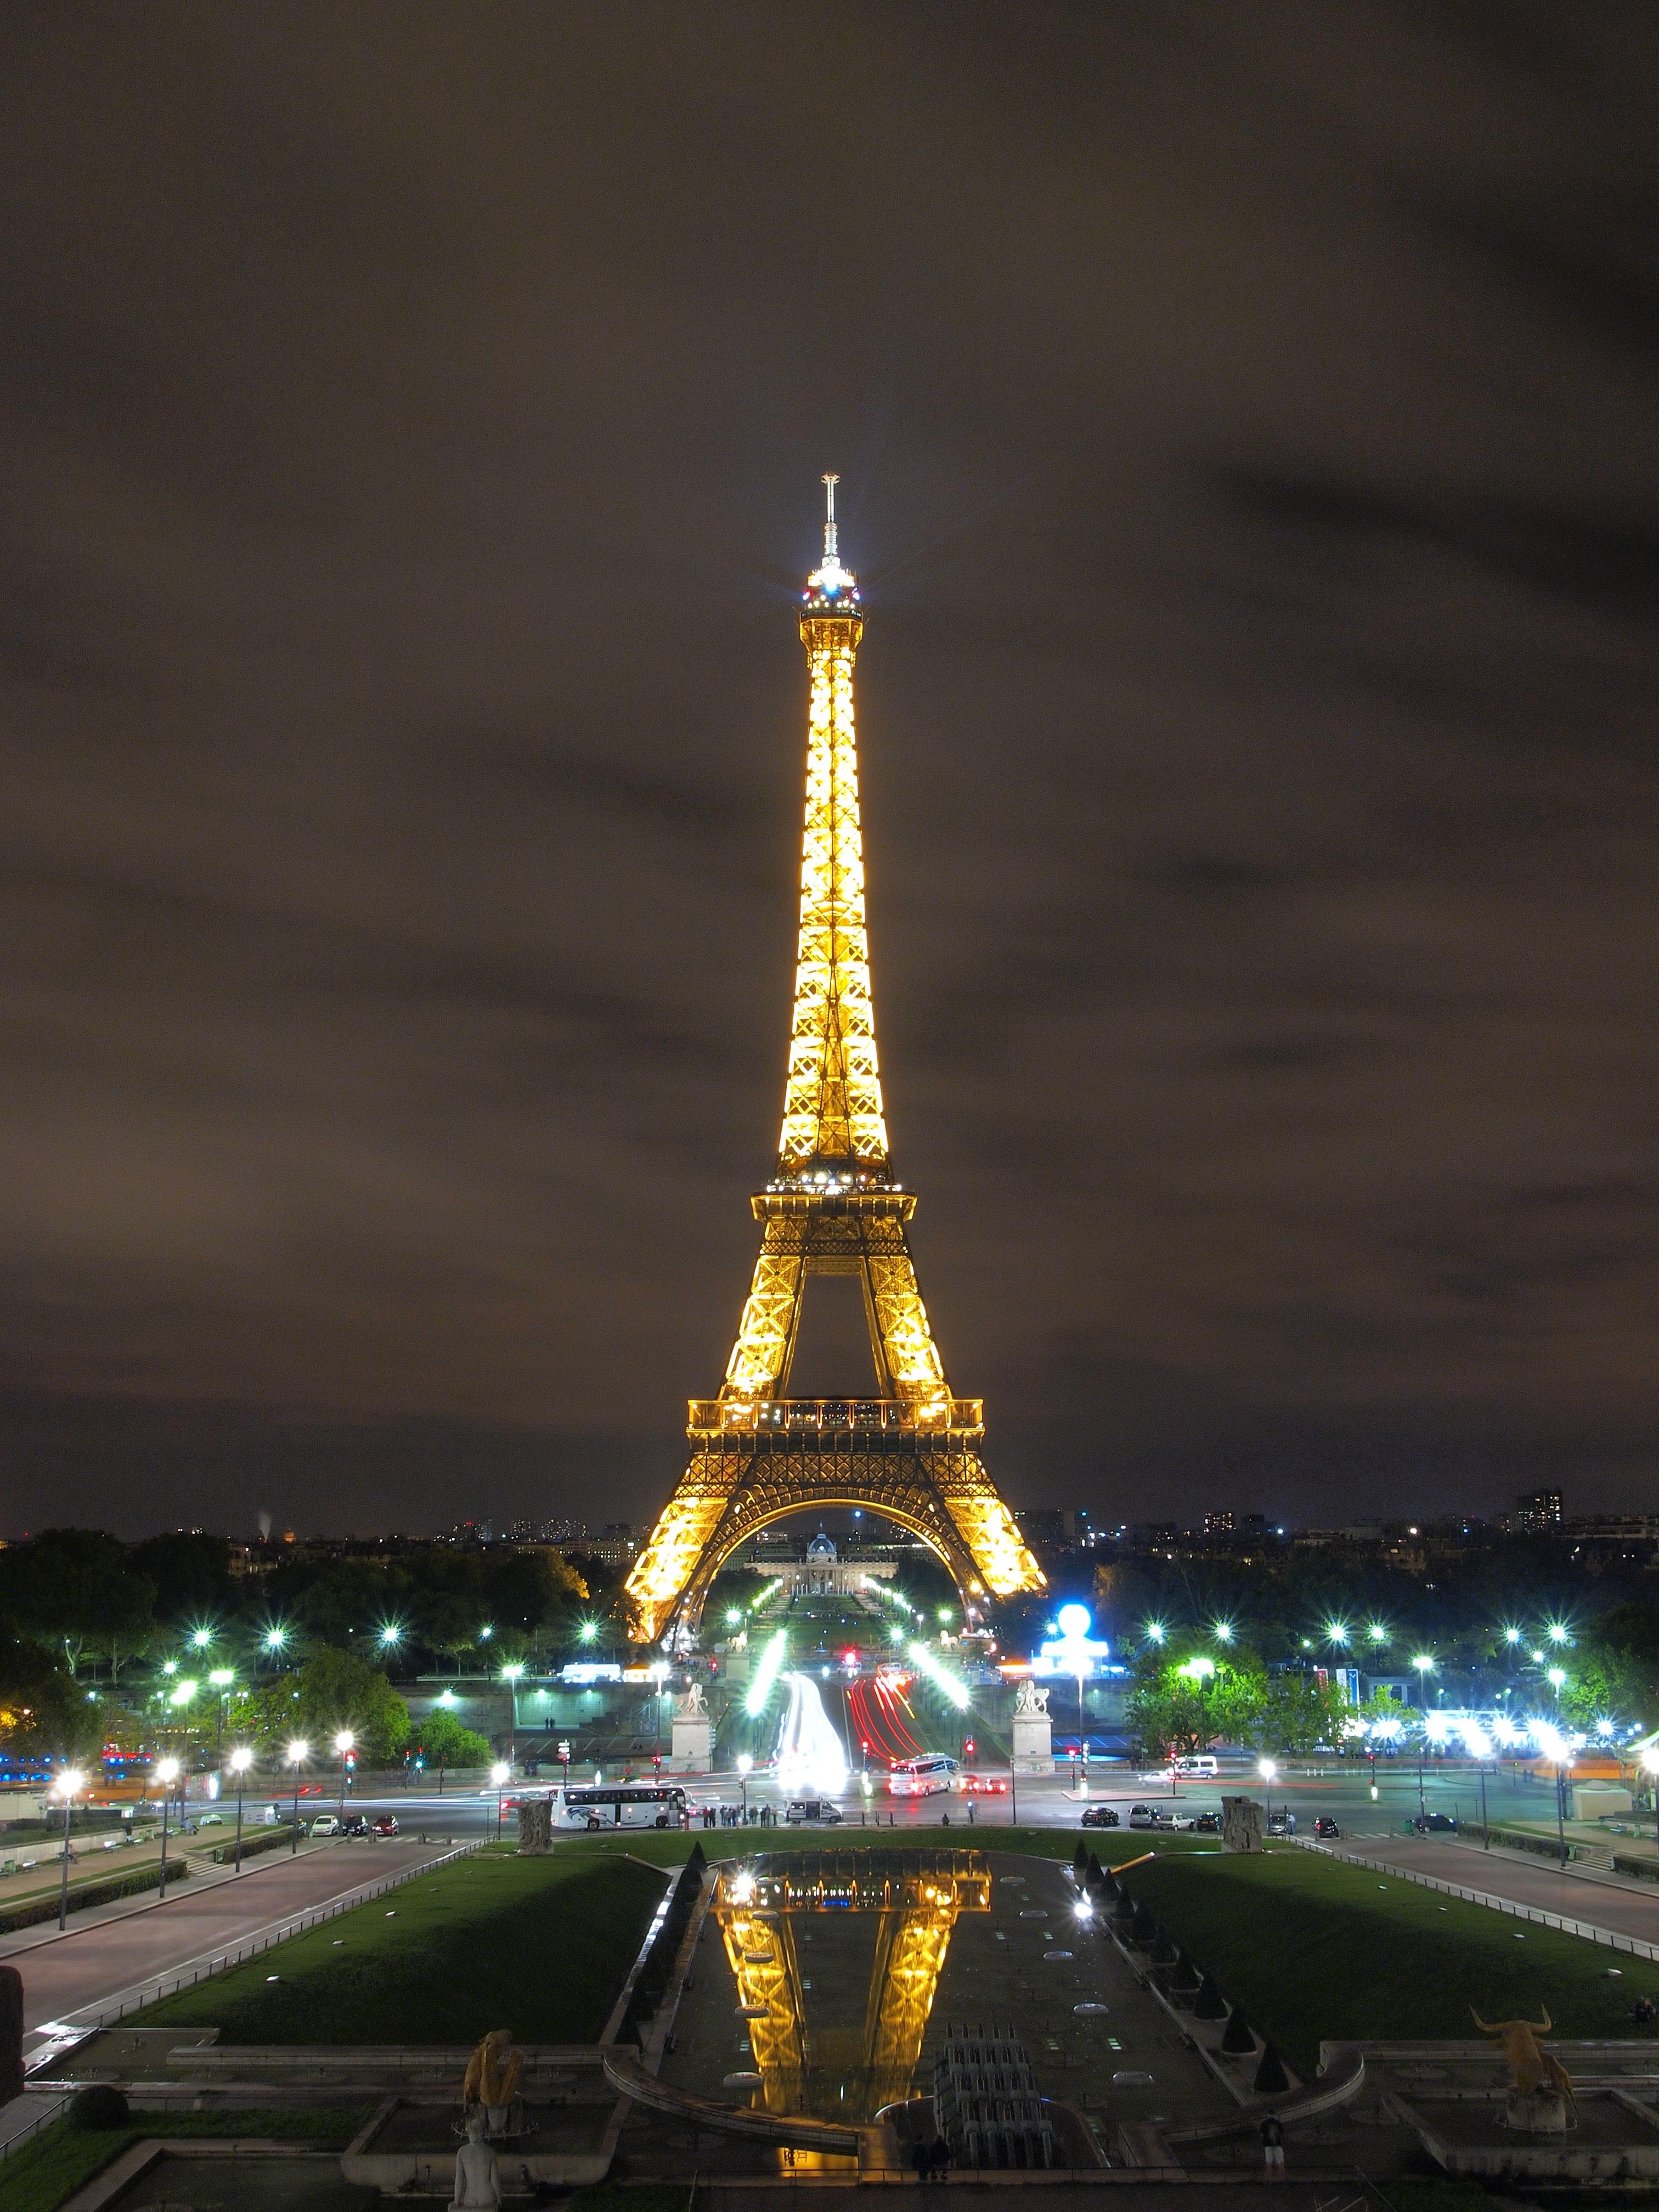 Bildet Lett Natt Paris Frankrike Kveld Tarn Landemerke Eiffeltarnet Night View 3024x4032 698214 Bilder Gratis Pxhere